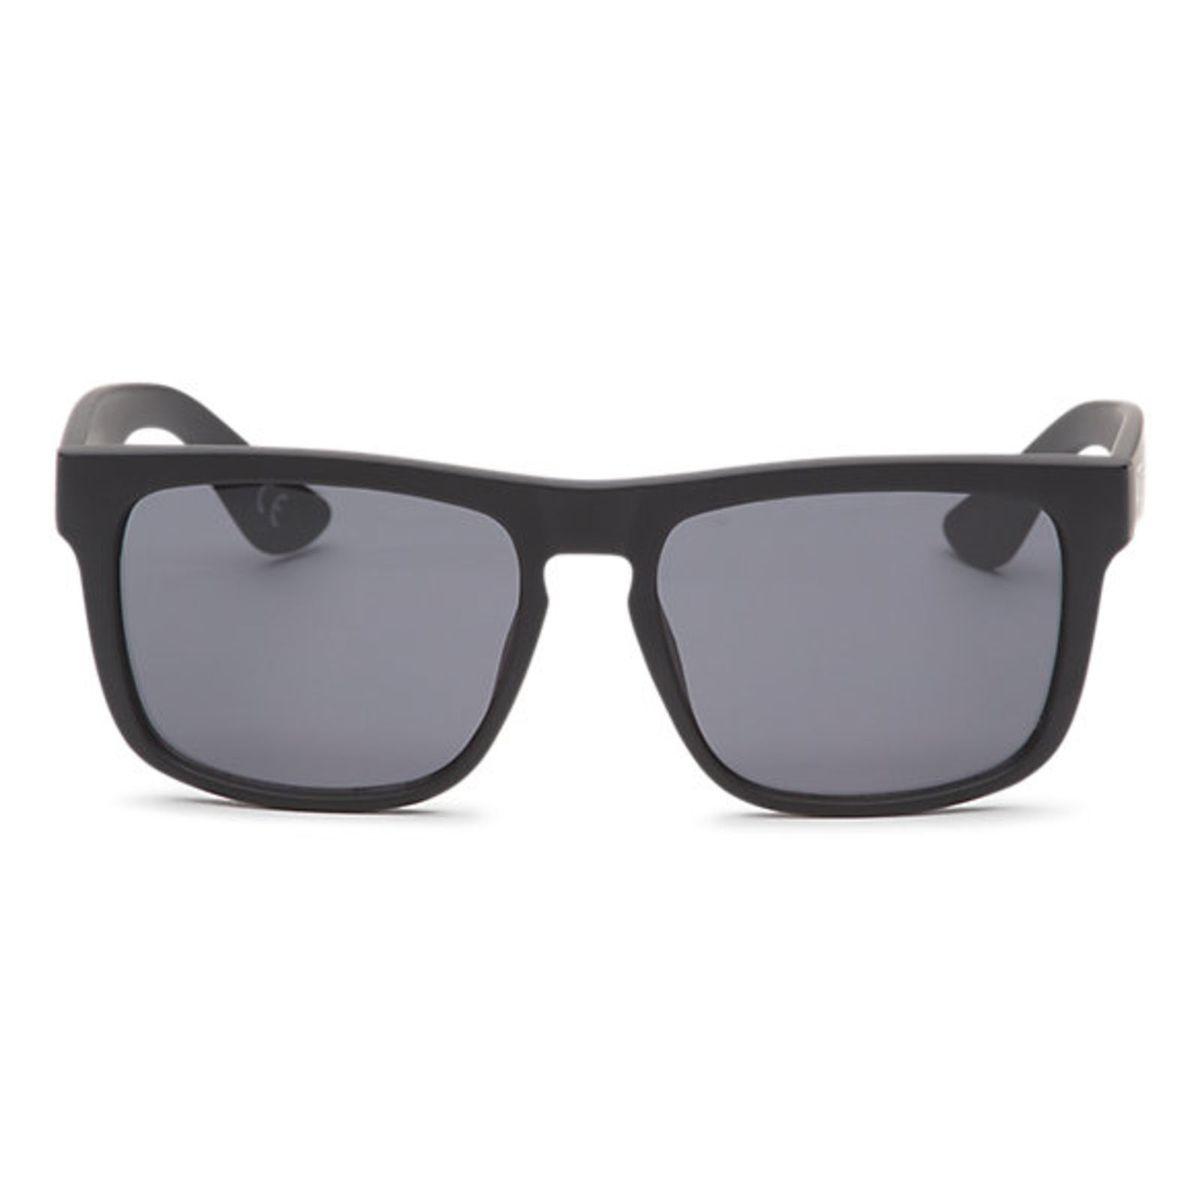 edb5c7470ee42 Óculos de Sol Vans Squared + Case Tecido   Óculos Masculino Vans ...